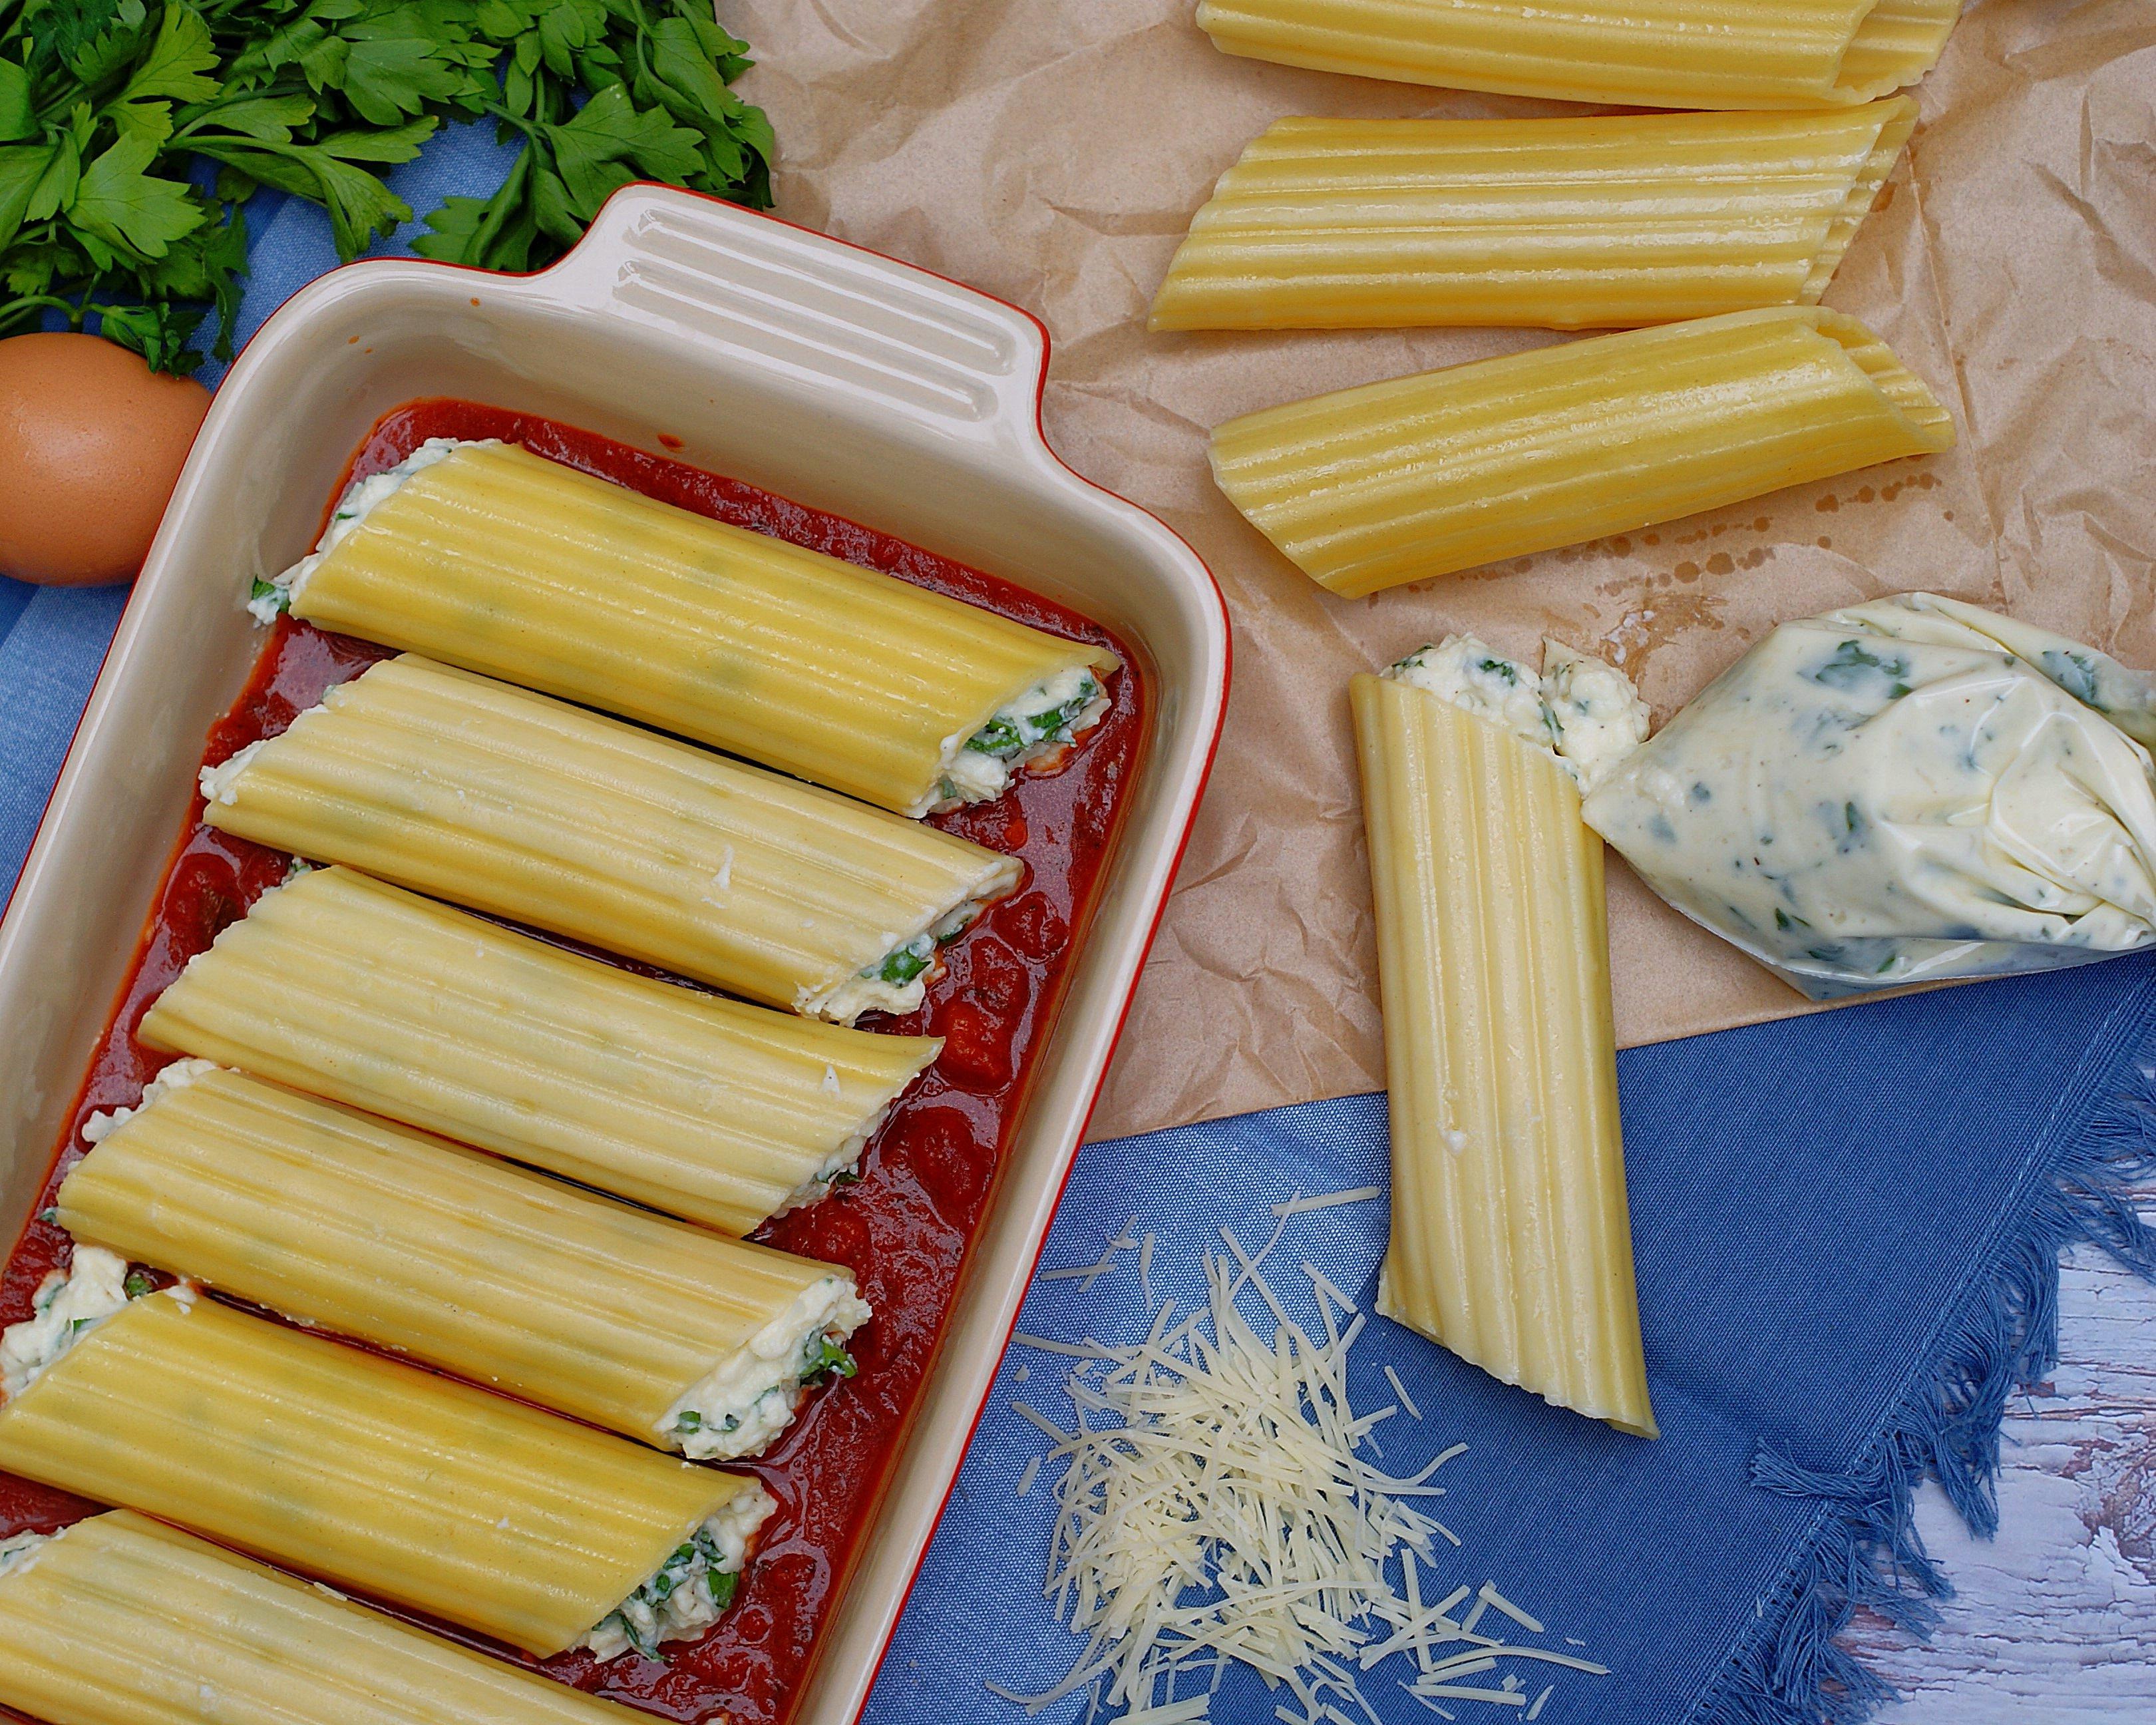 3 Cheese Manicotti process photo